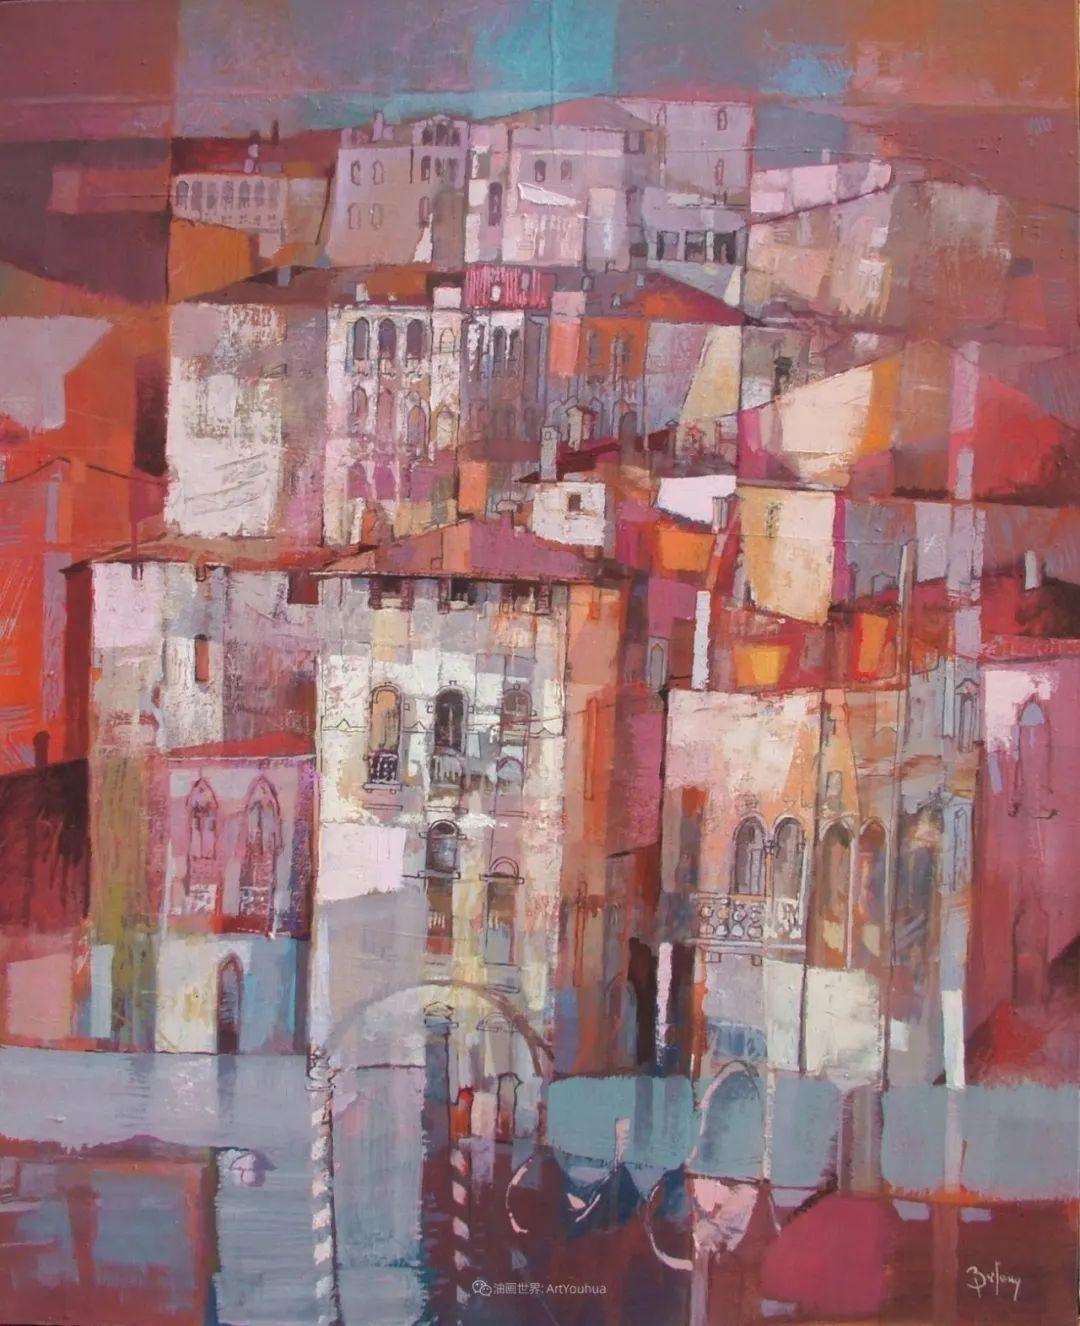 既抽象又写实的迷离感,意大利画家亚历克斯·贝尔塔纳插图59